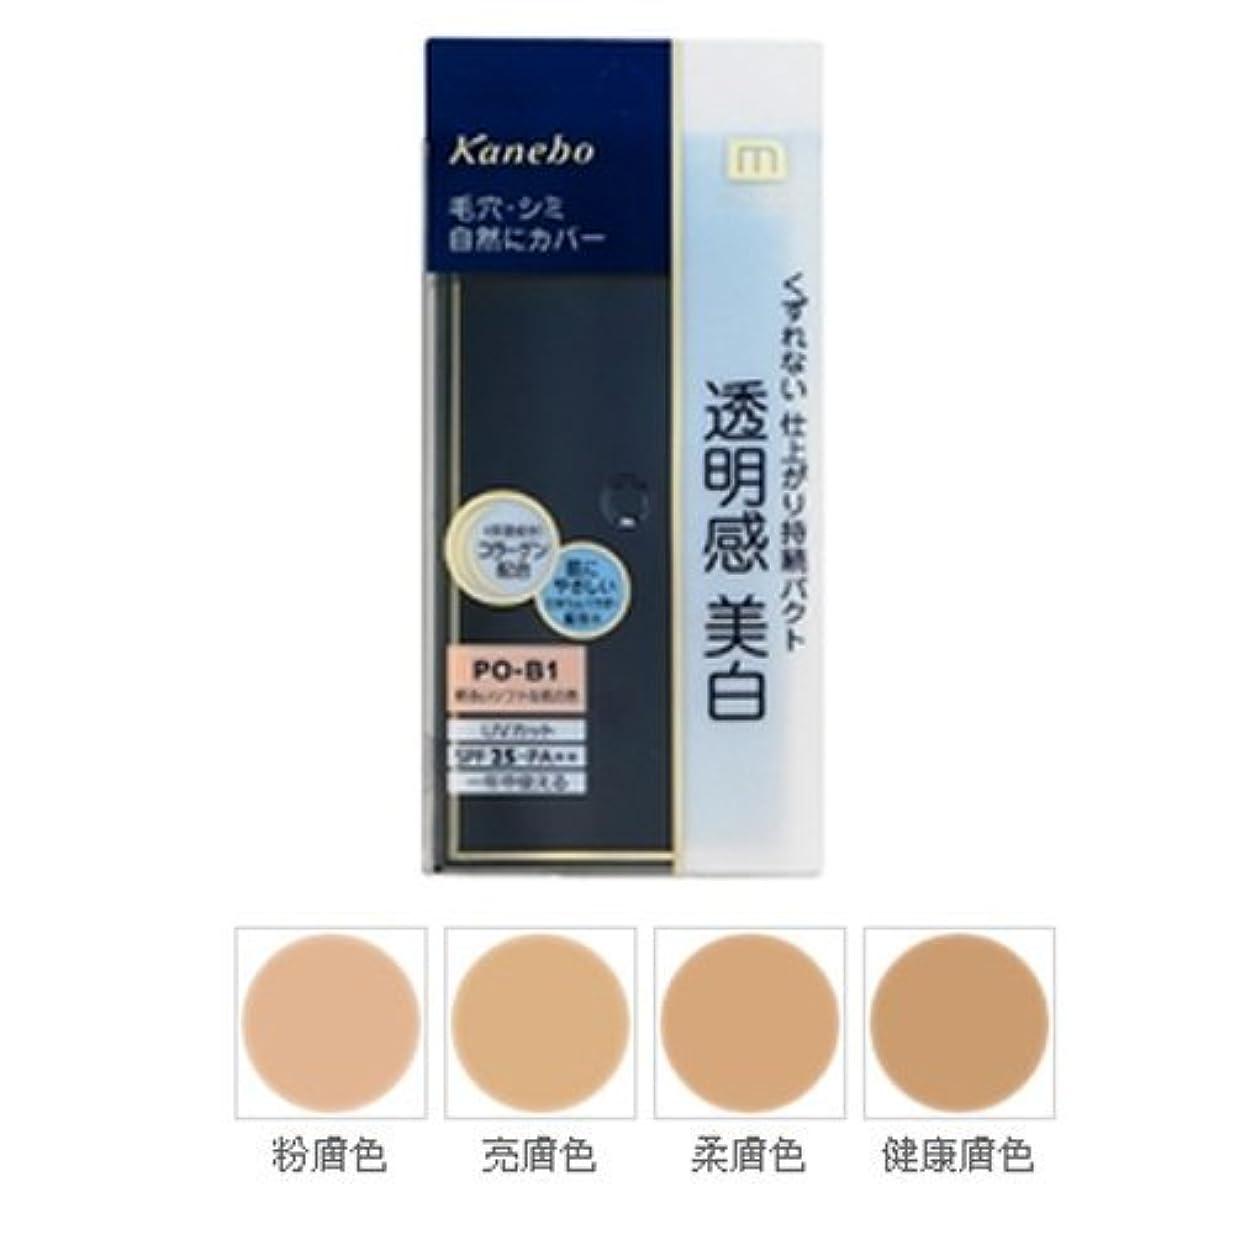 試みビーズお酒カネボウ メディア(media)ホワイトニングパクトA III カラー:OC-E1